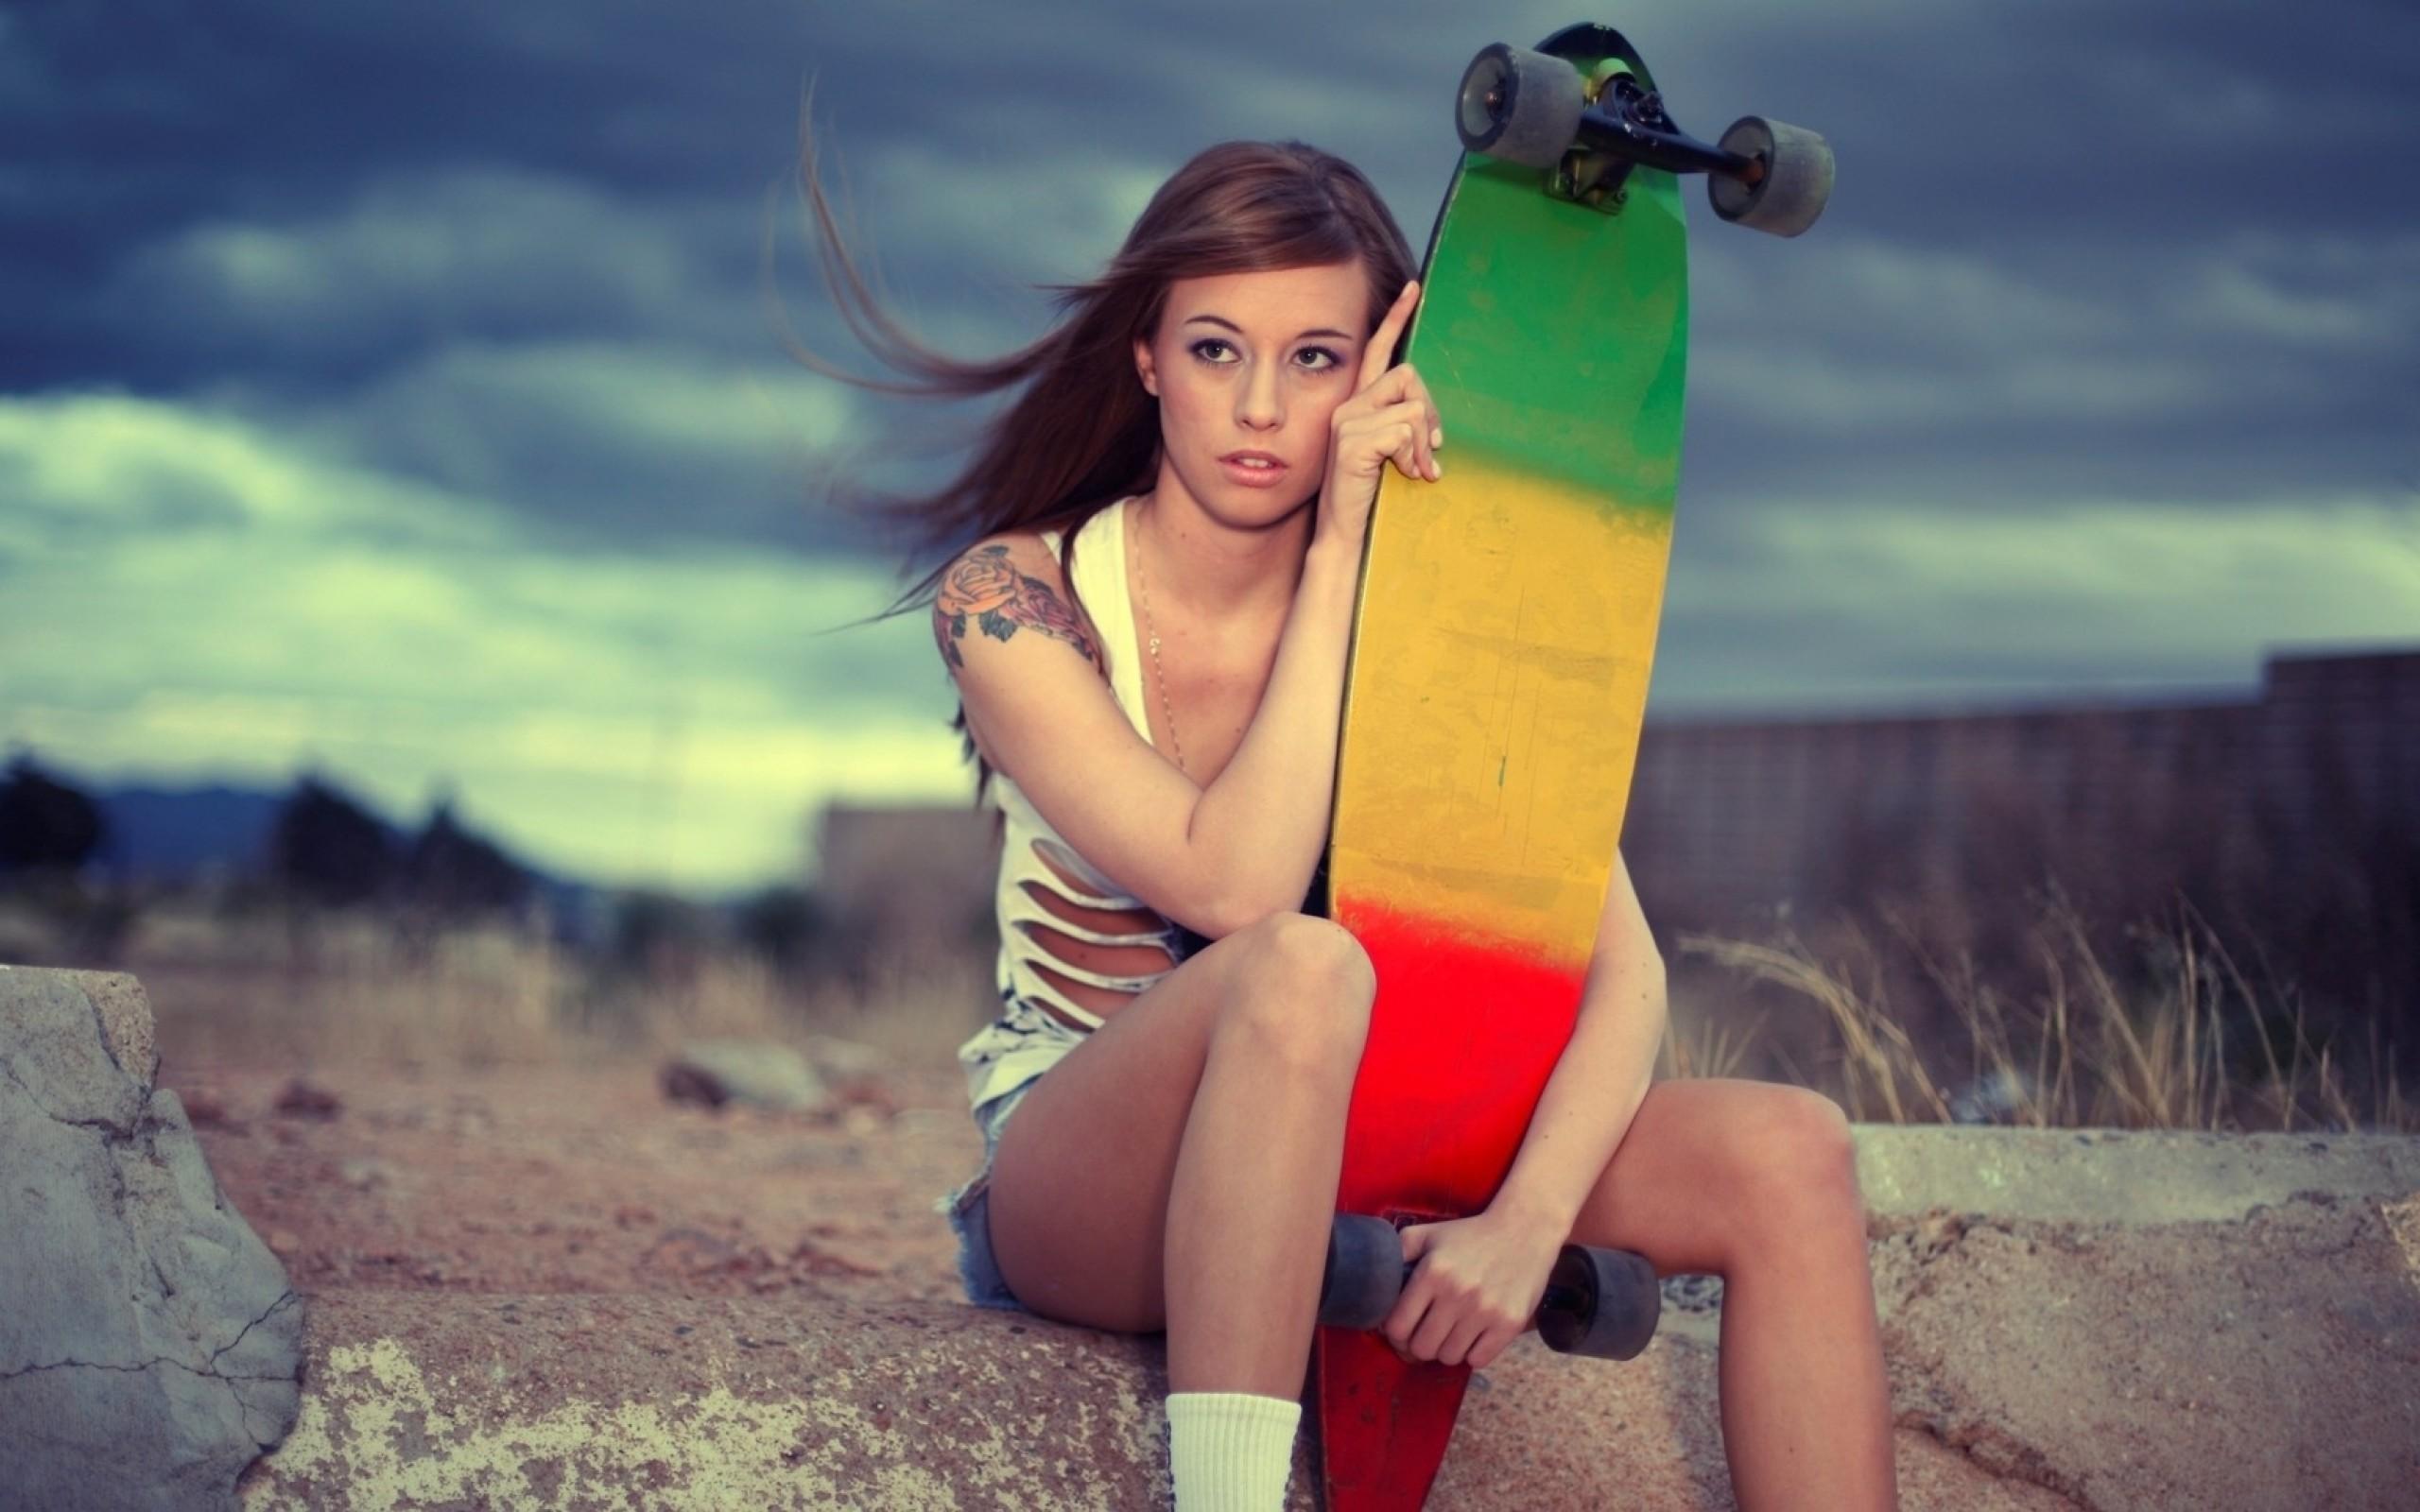 1080x1920 Skate Wallpaper Iphone